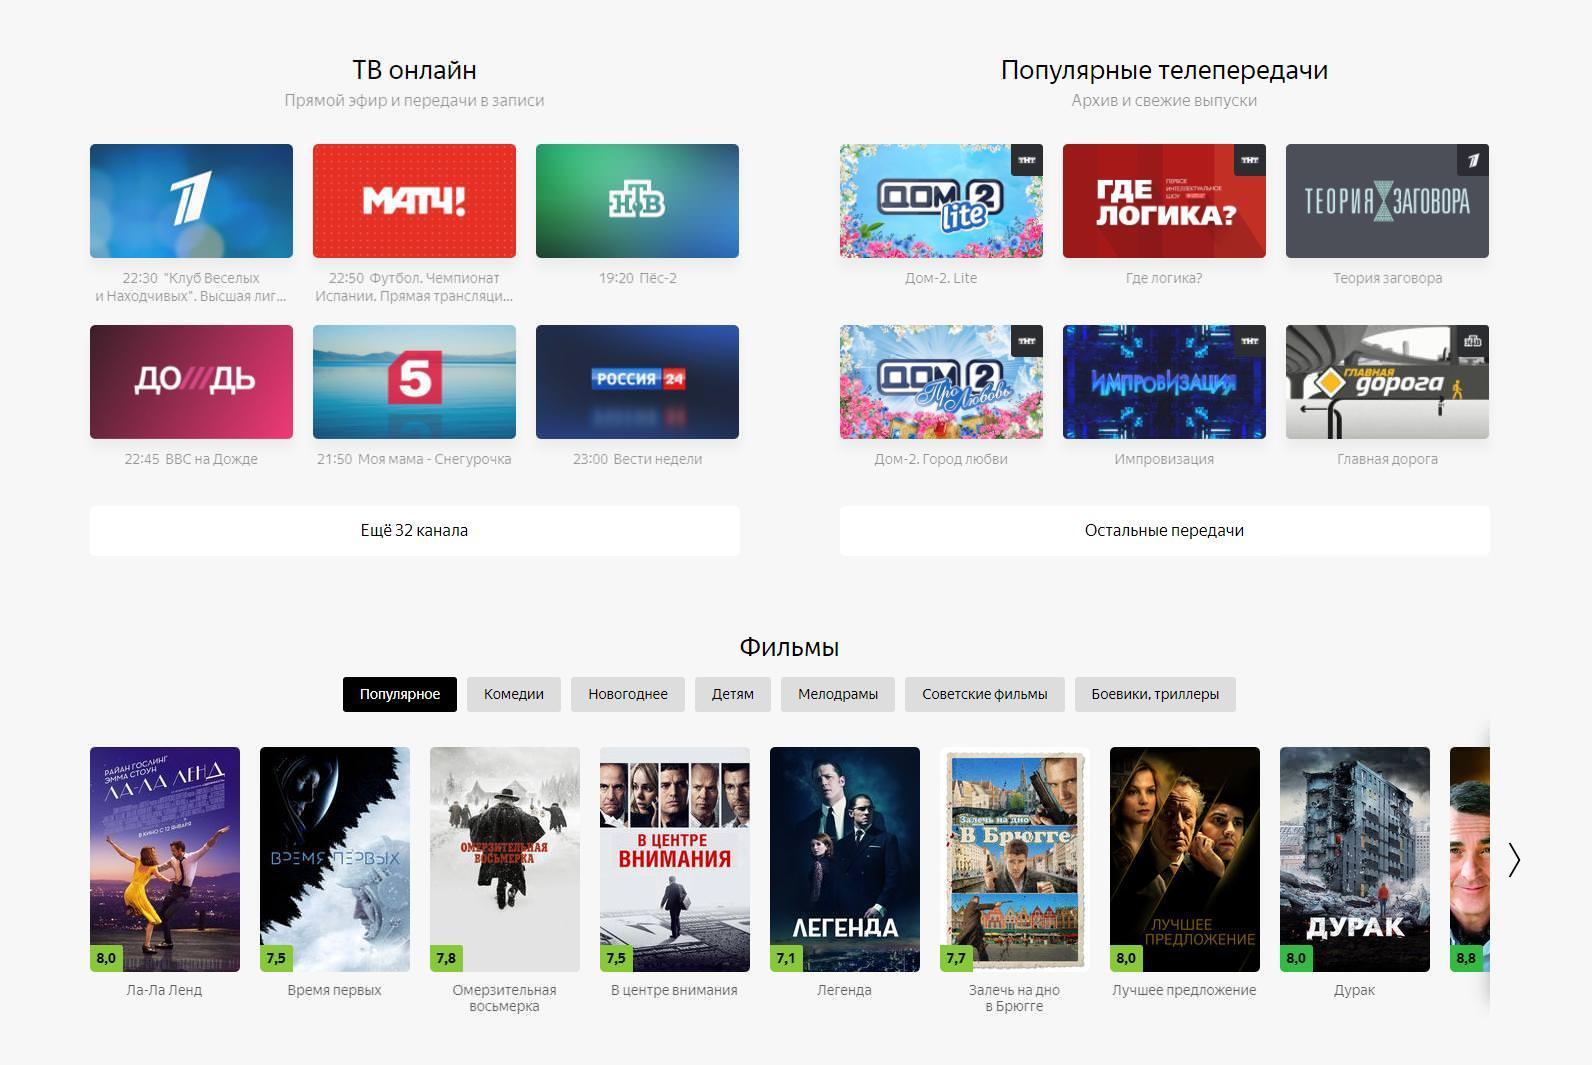 Яндекс даёт смотреть фильмы онлайн в хорошем качестве